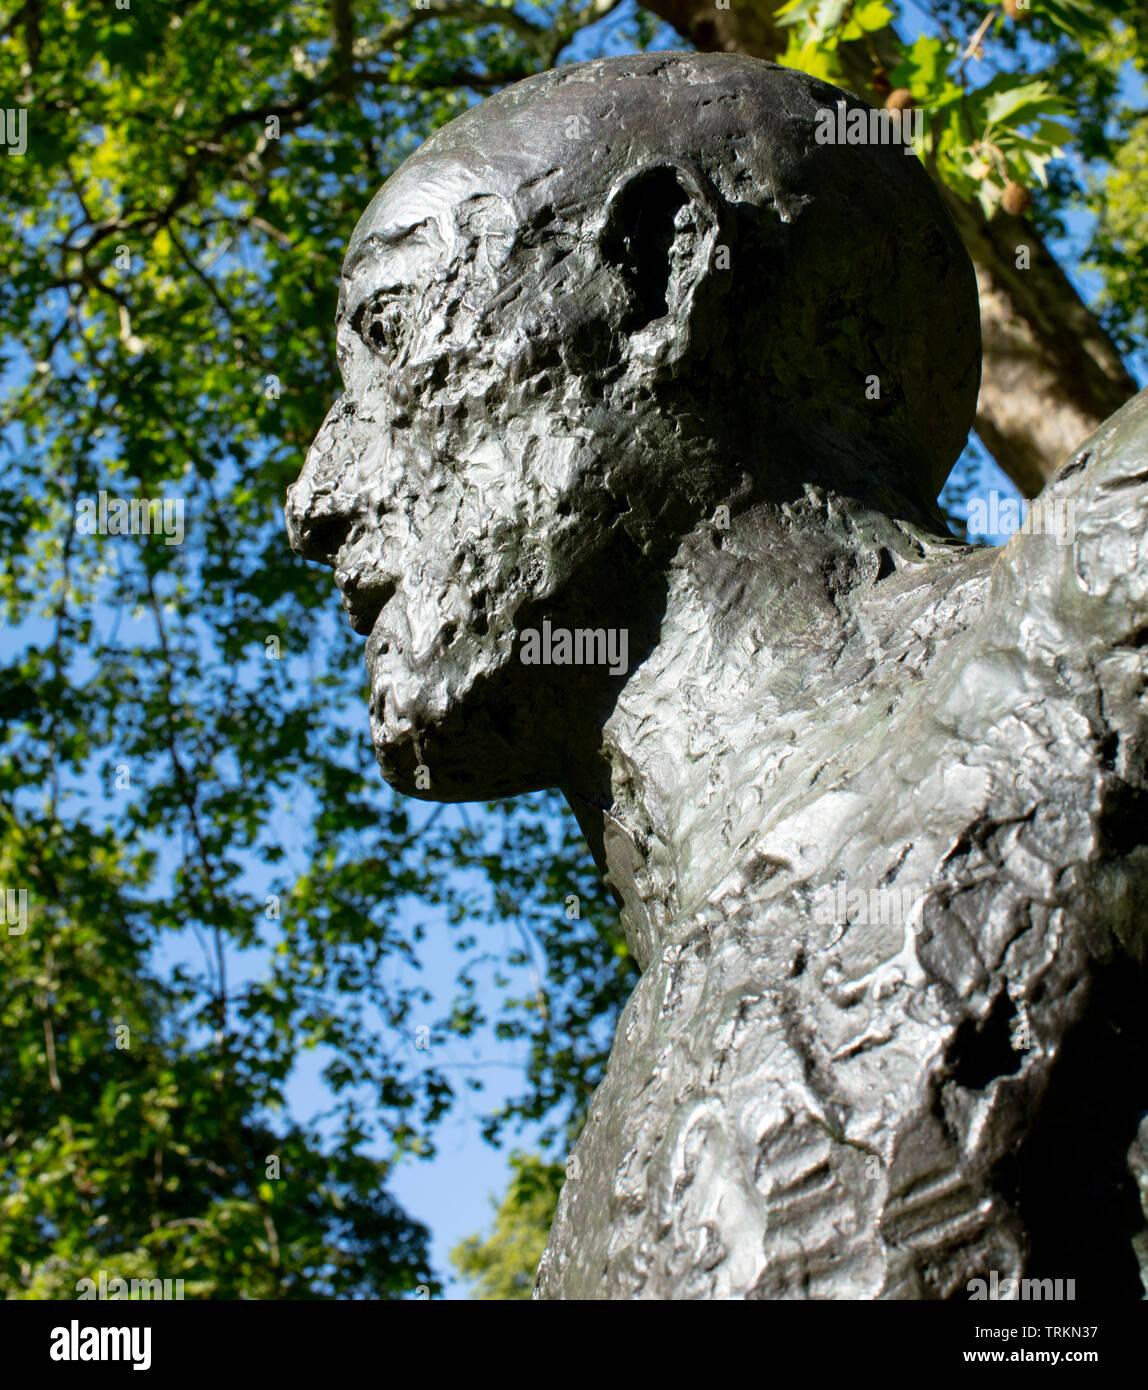 La escultura de bronce de 1986 Running Man (Front Runner) de nosotros colección privada. en St James's Square, Londres 2019 antes de la subasta de Christie's Foto de stock